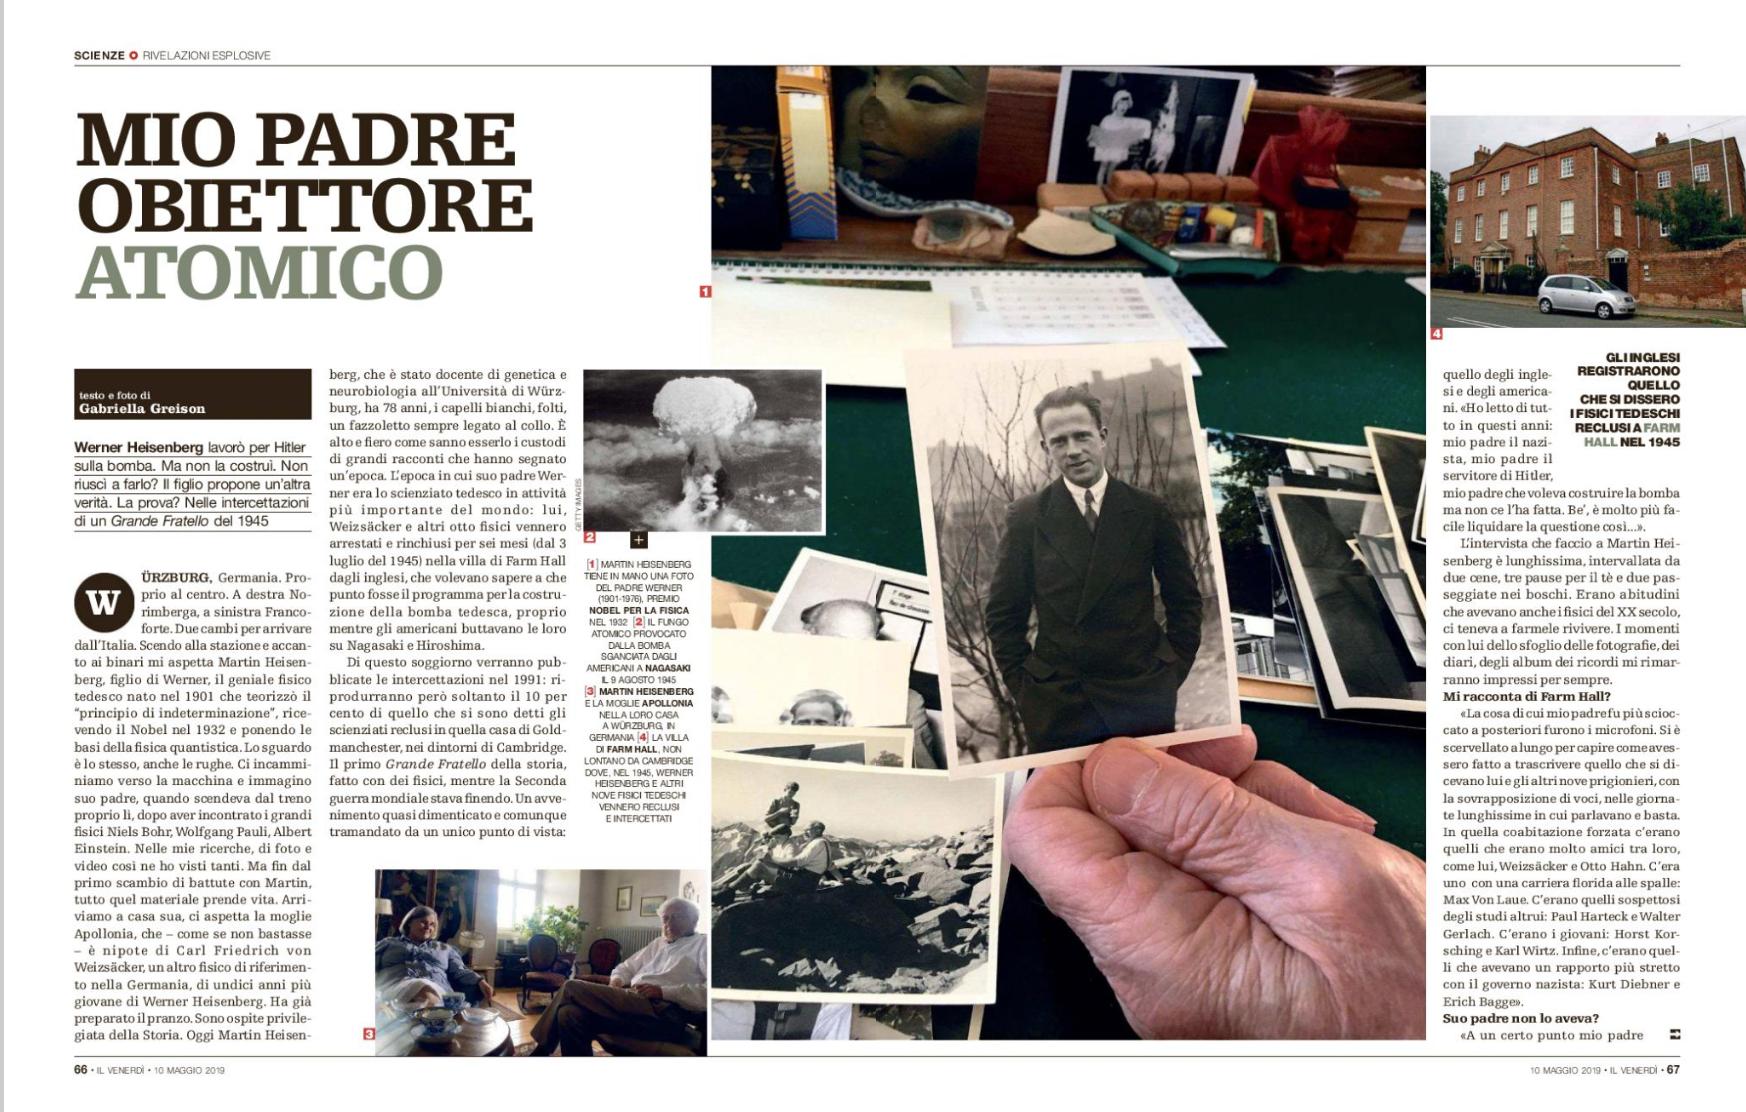 Oggi sul Venerdì di Repubblica c'è un servizio di 3 (tre!) pagine sulle mie ricerche e l'intervista che ho fatto a Martin Heisenberg (figlio di Werner)!